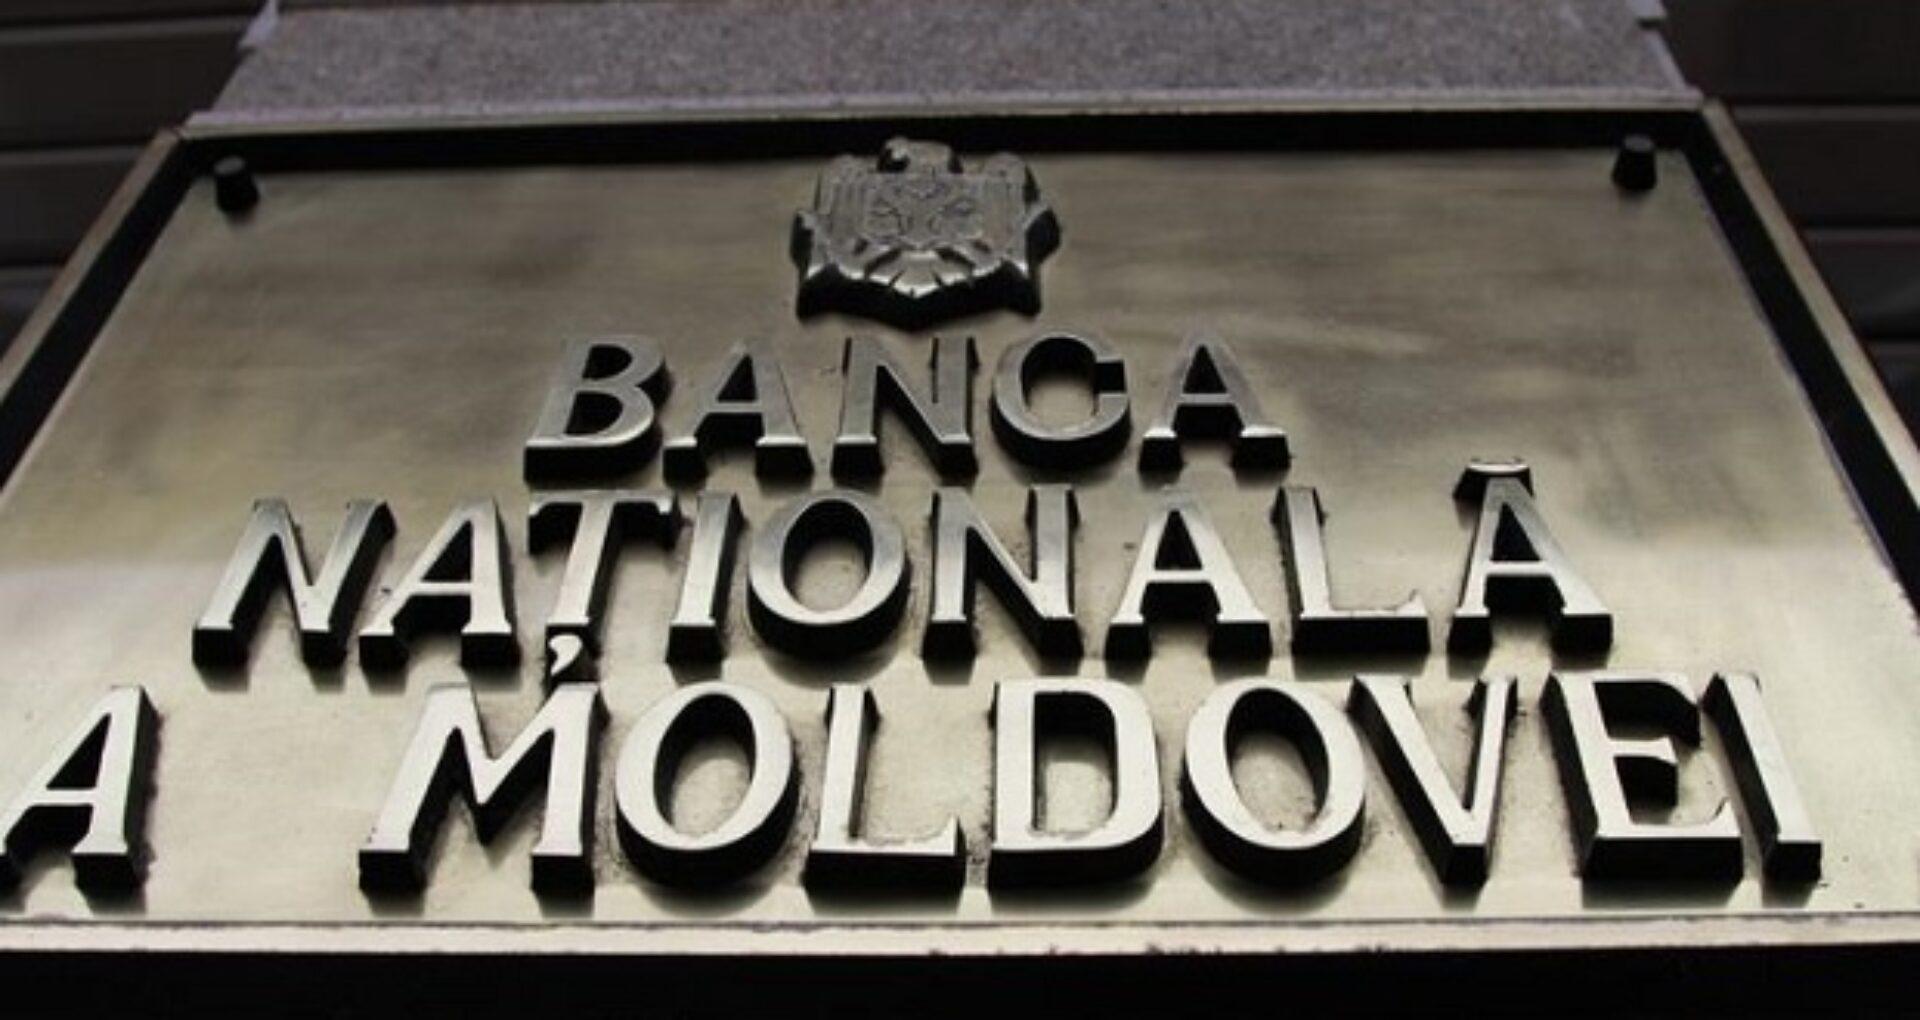 Proiectul pentru consolidarea integrității și finalității deciziilor de politică monetară, reglementare și supraveghere bancară ale BNM, votat în două lecturi